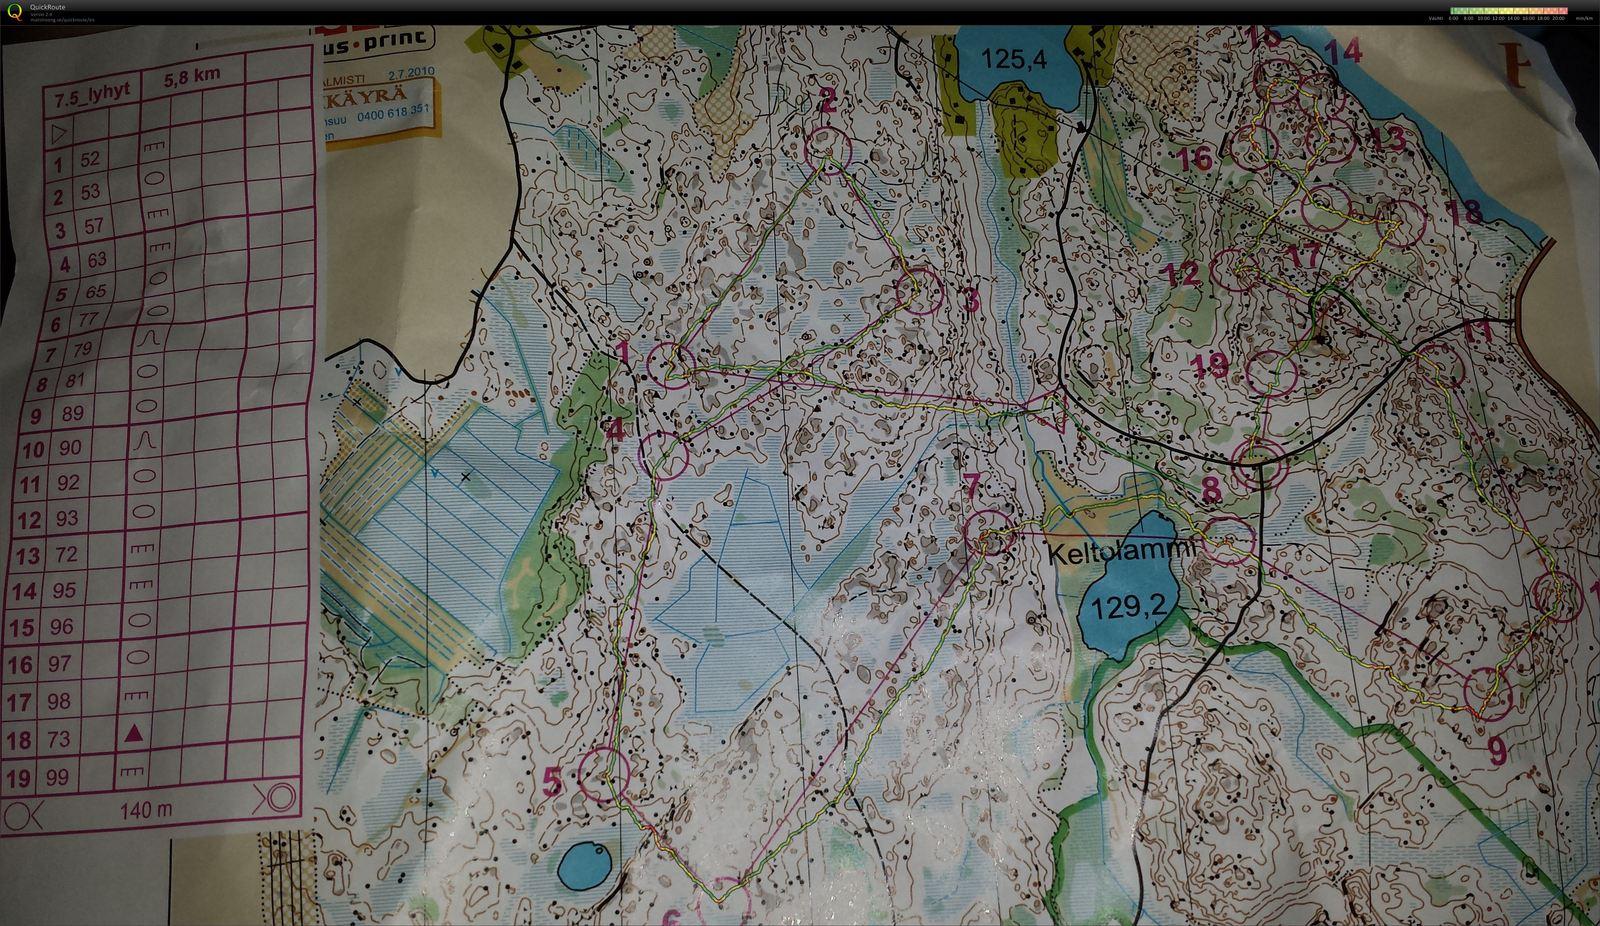 My Doma Digitaalinen Kartta Arkisto Av Reeni Pulesjarvi 07 05